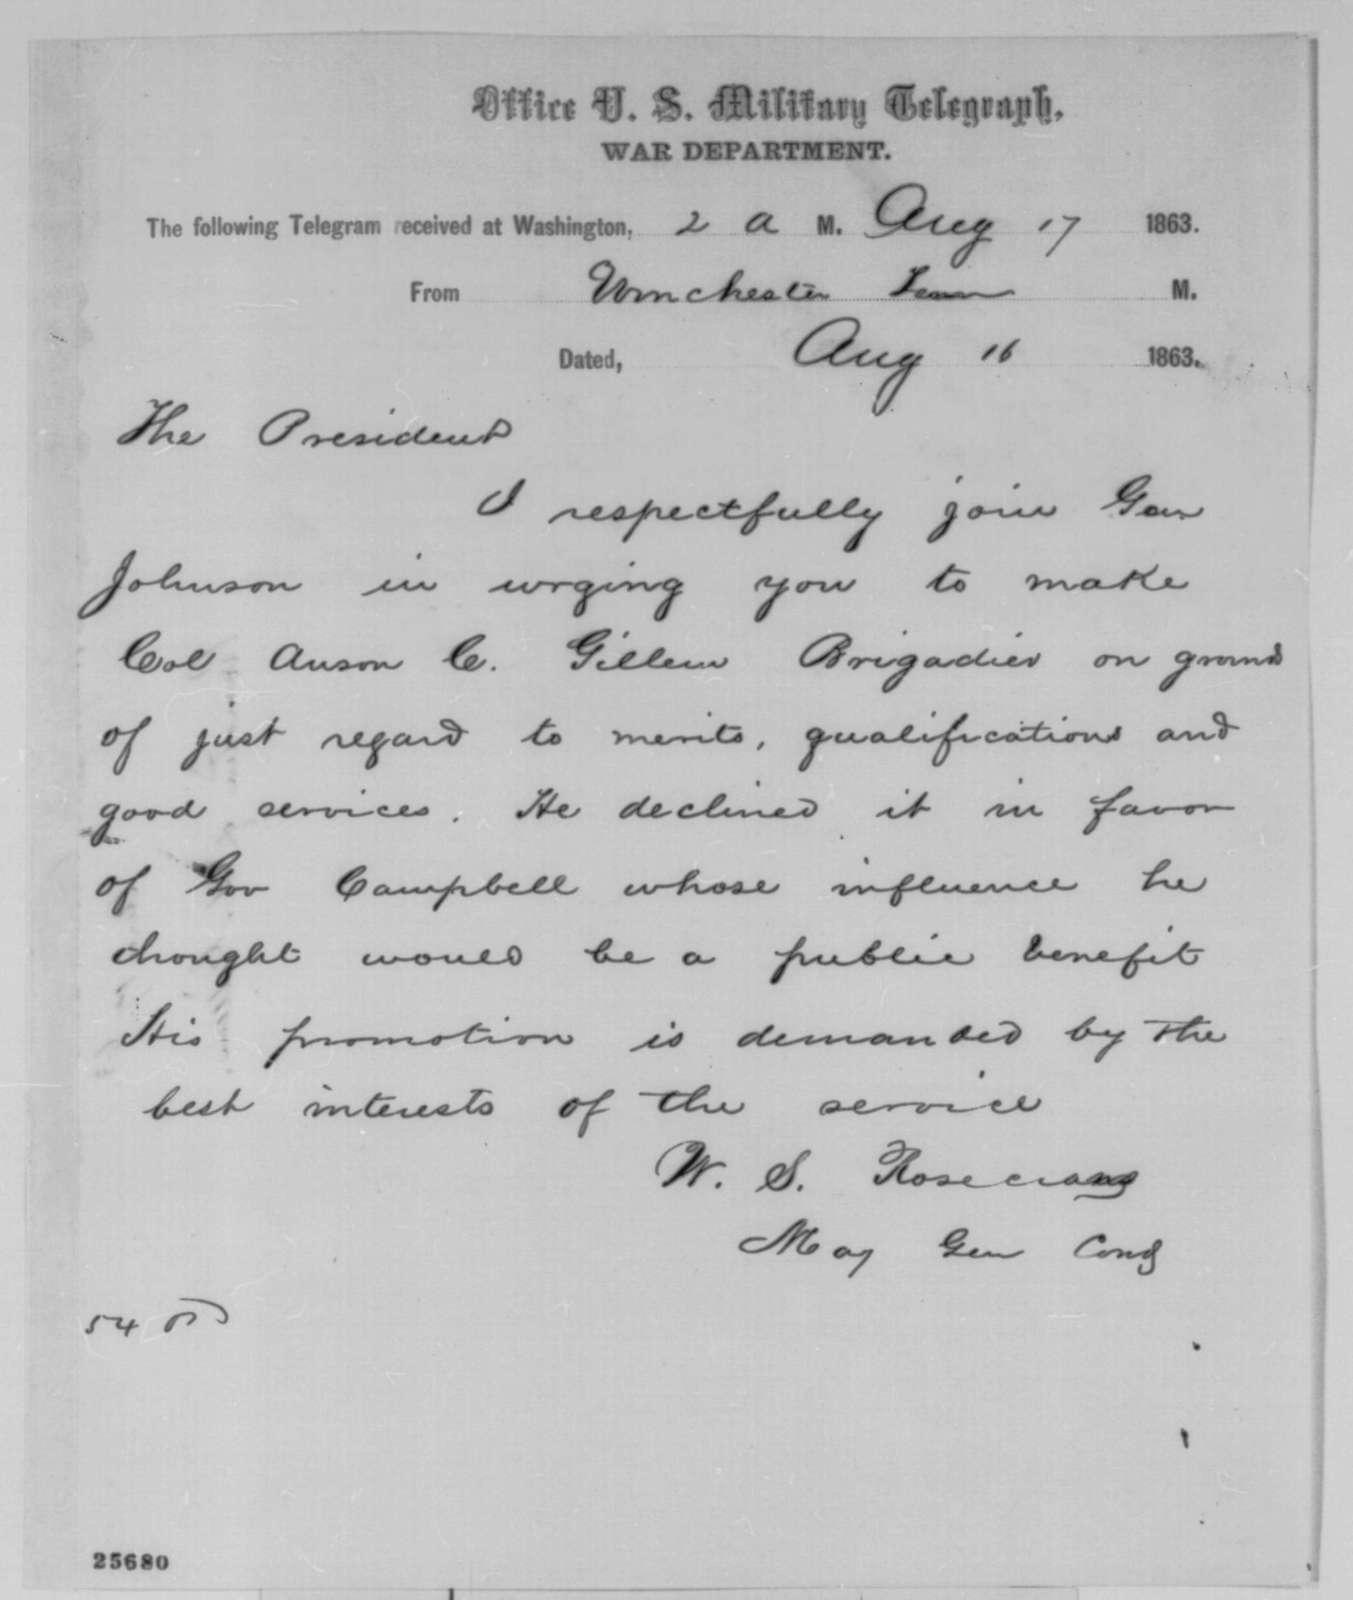 William S. Rosecrans to Abraham Lincoln, Sunday, August 16, 1863  (Telegram recommending Alvan Gillem for brigadier general)